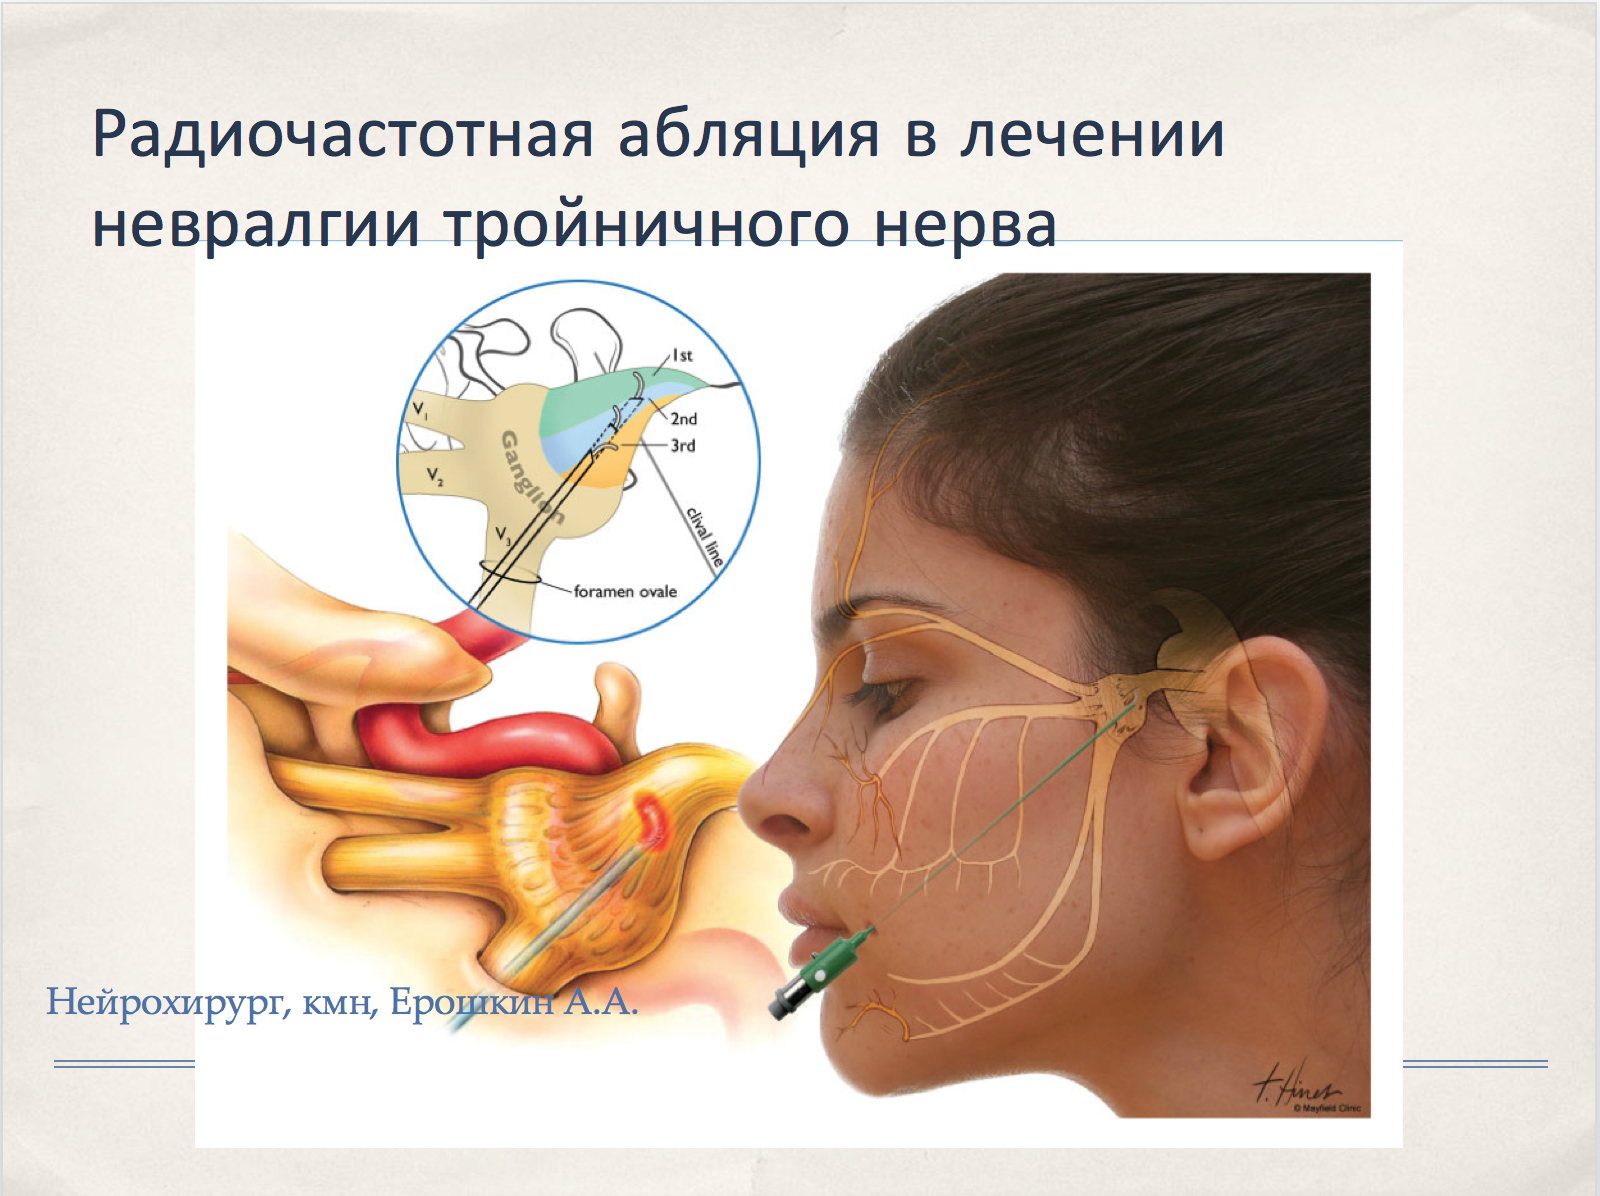 Тройничный нерв лечение при беременность